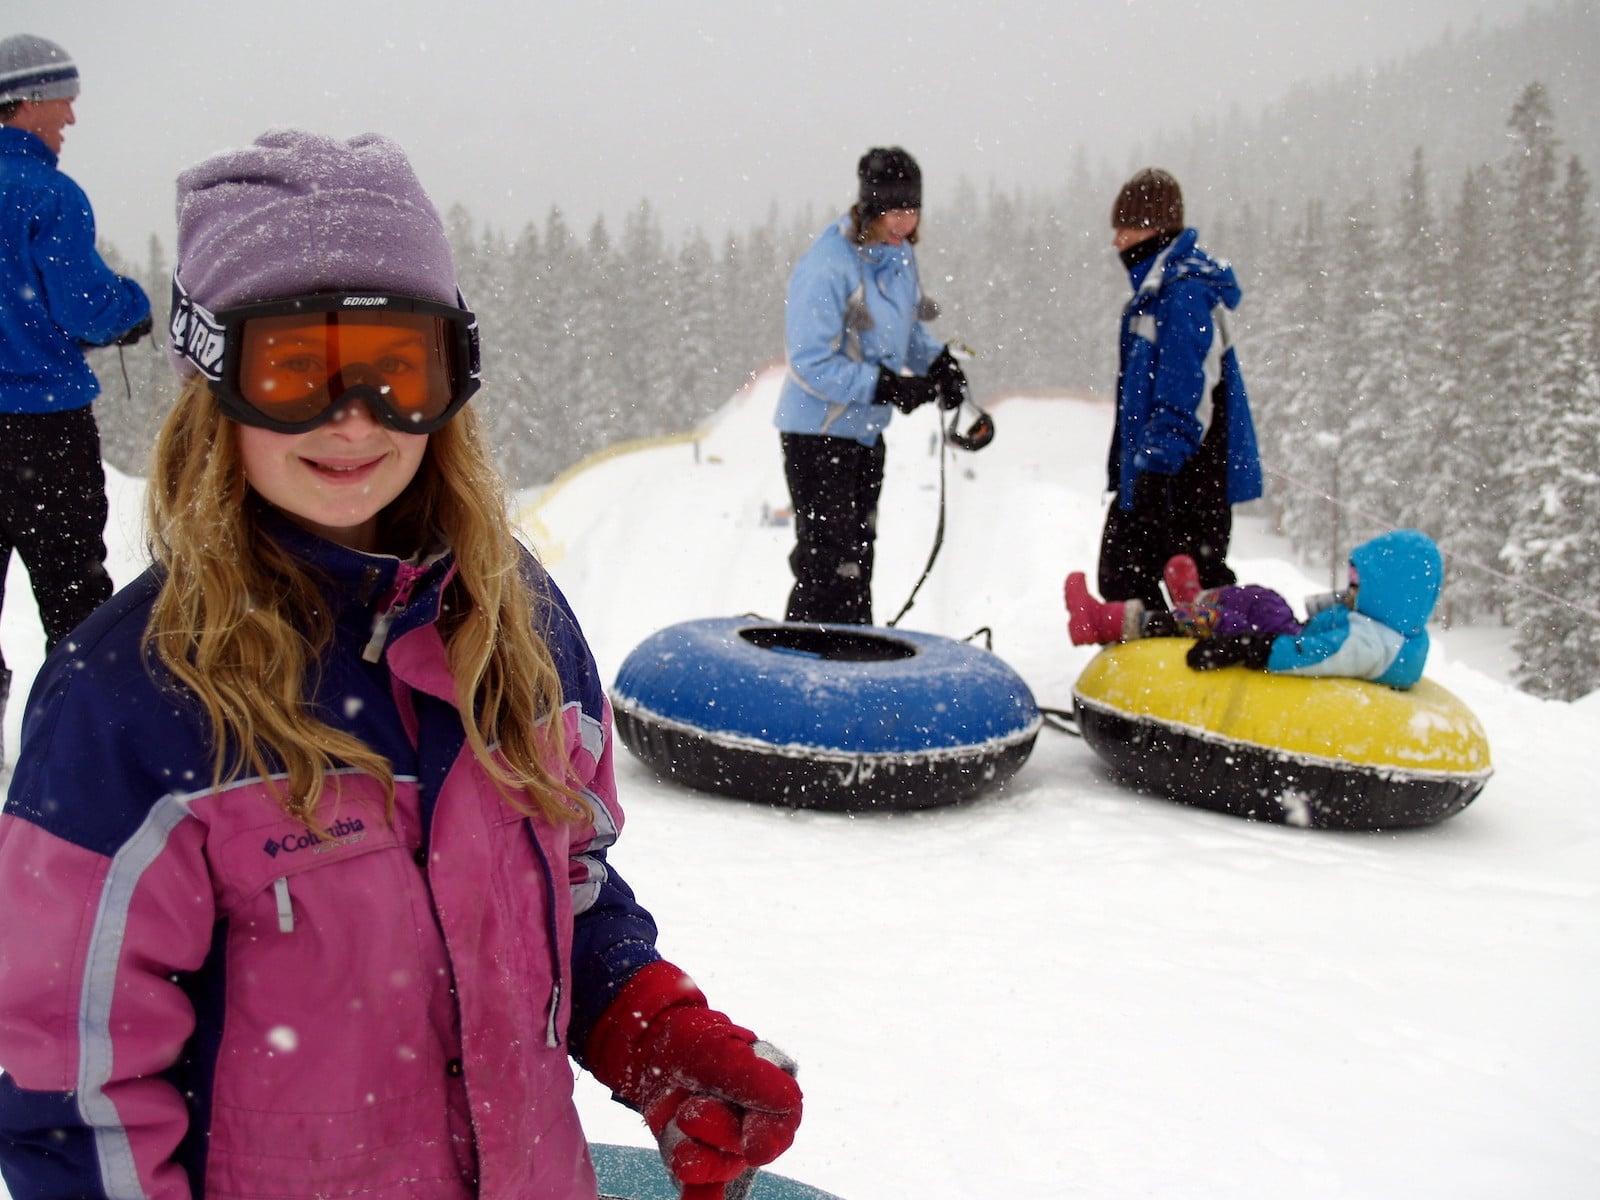 Image of people snow tubing in Keystone